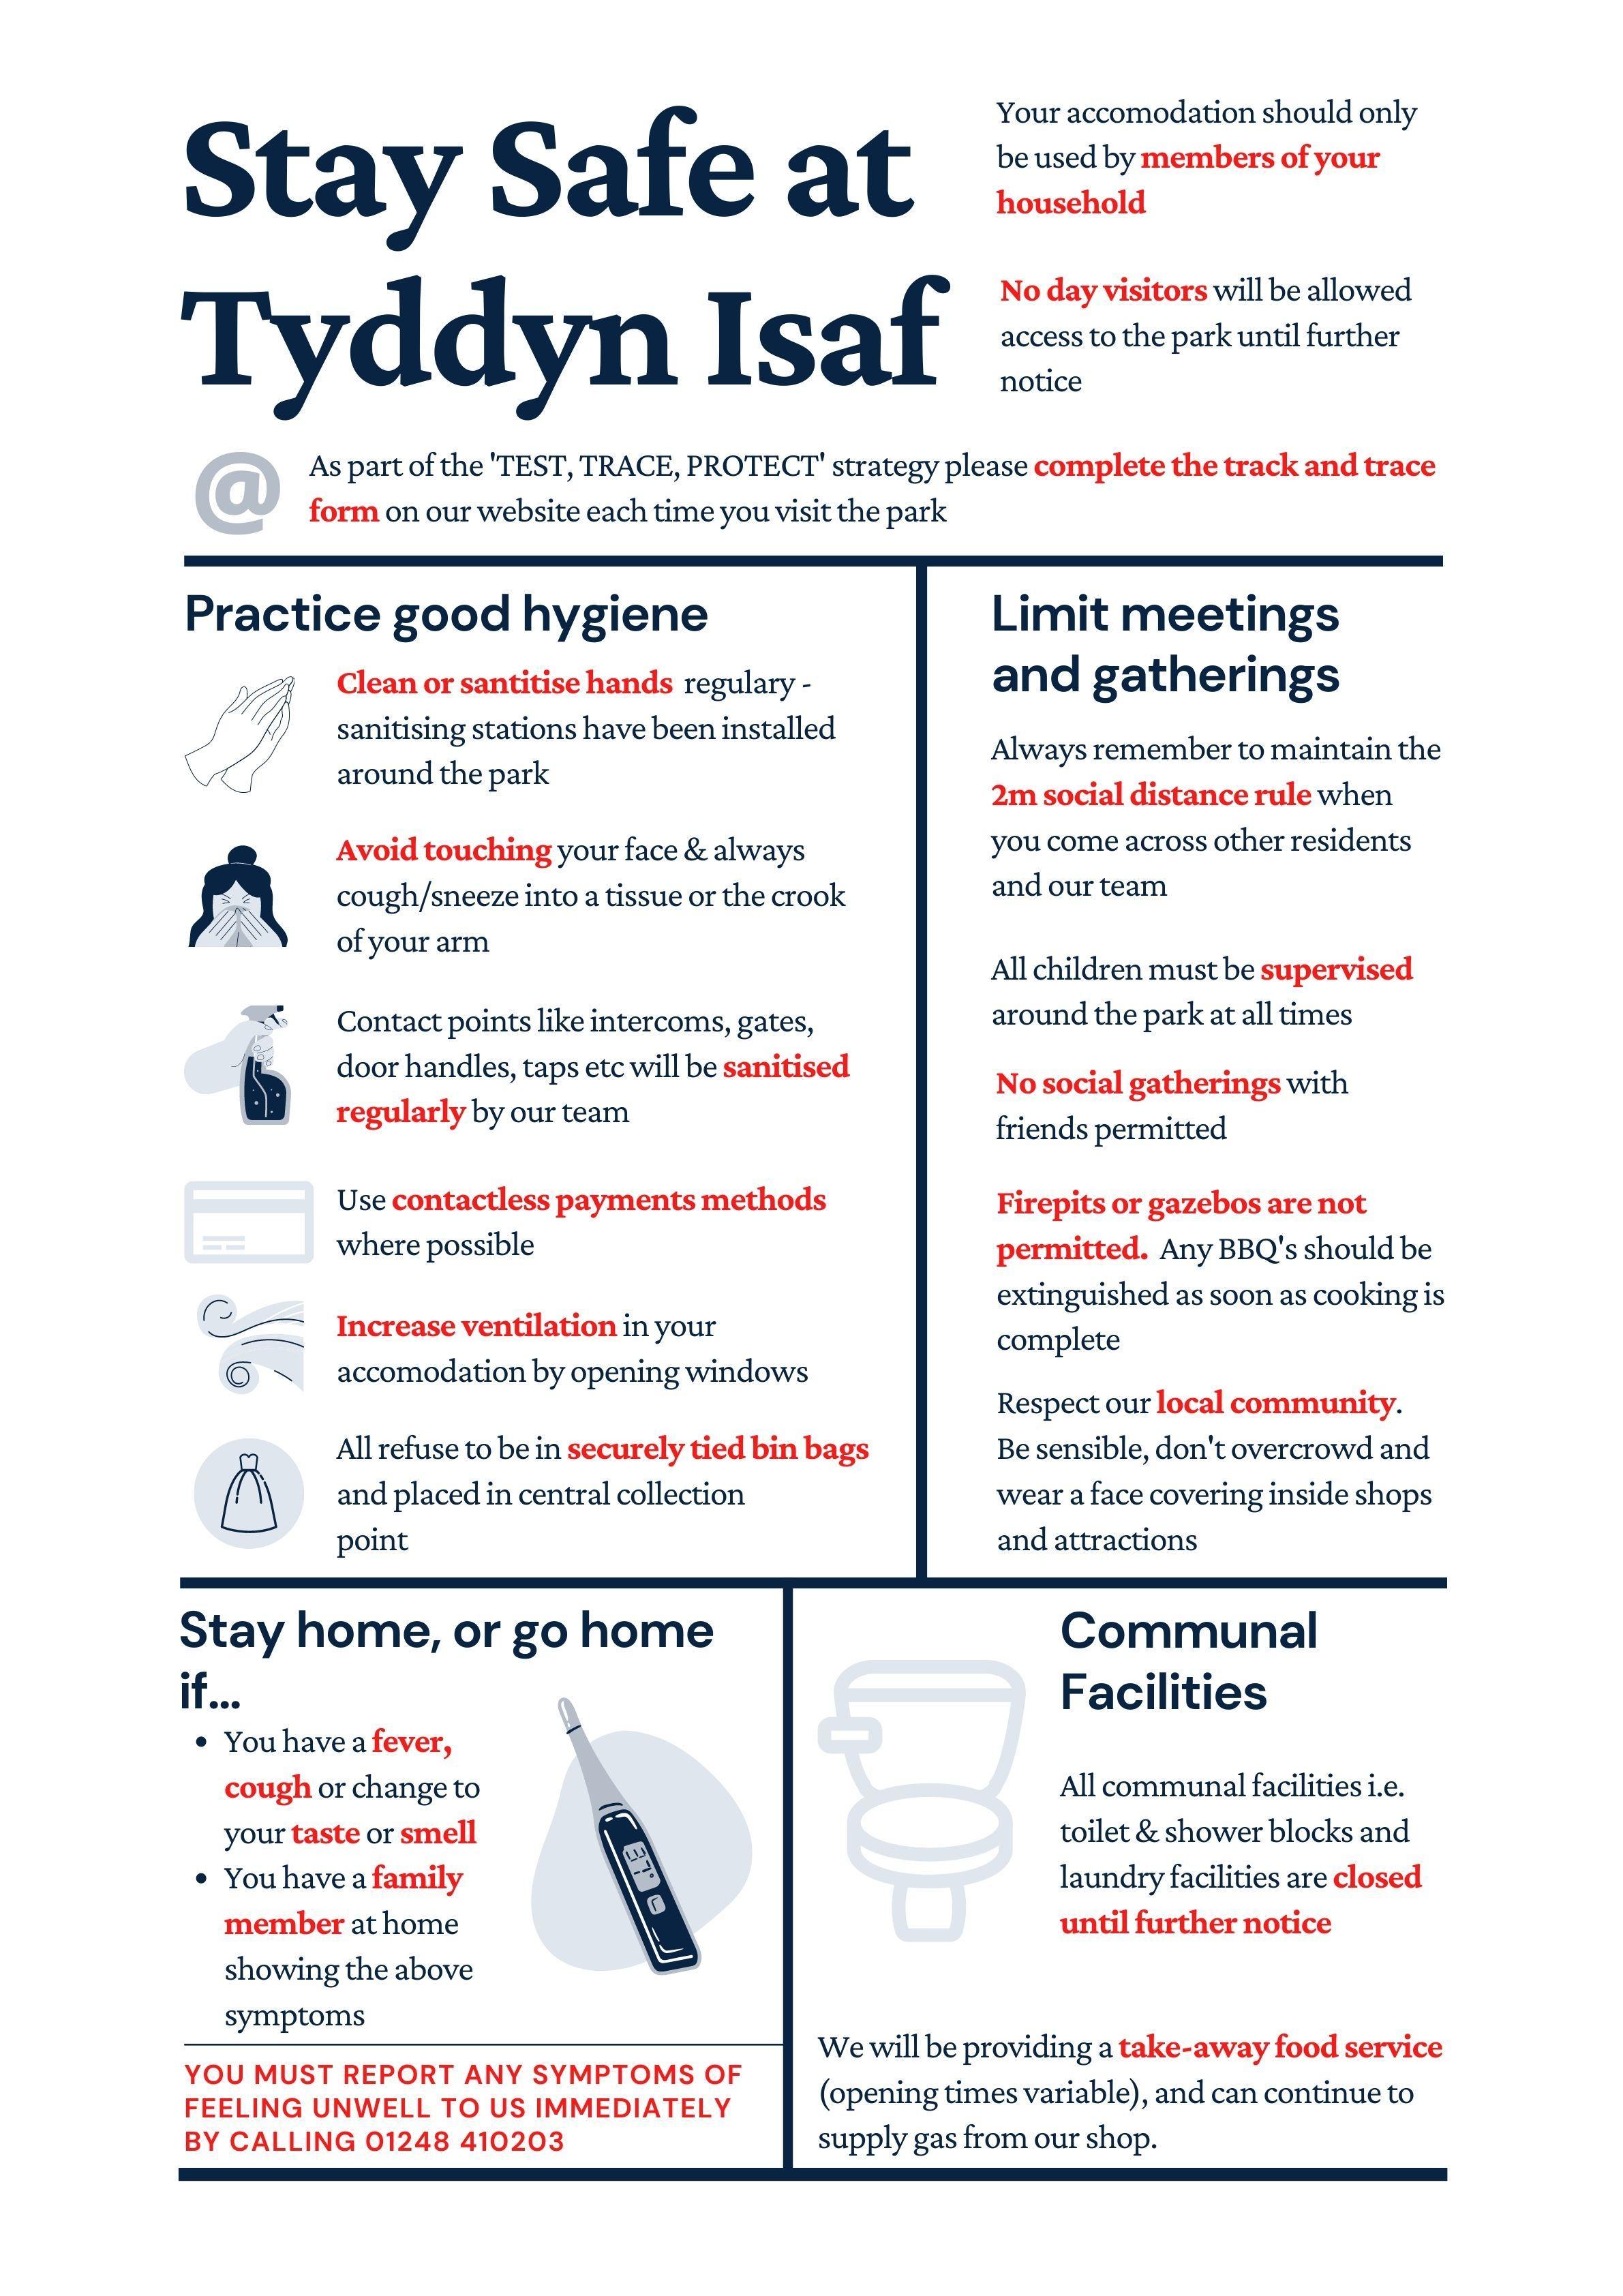 Stay safe at Tyddyn